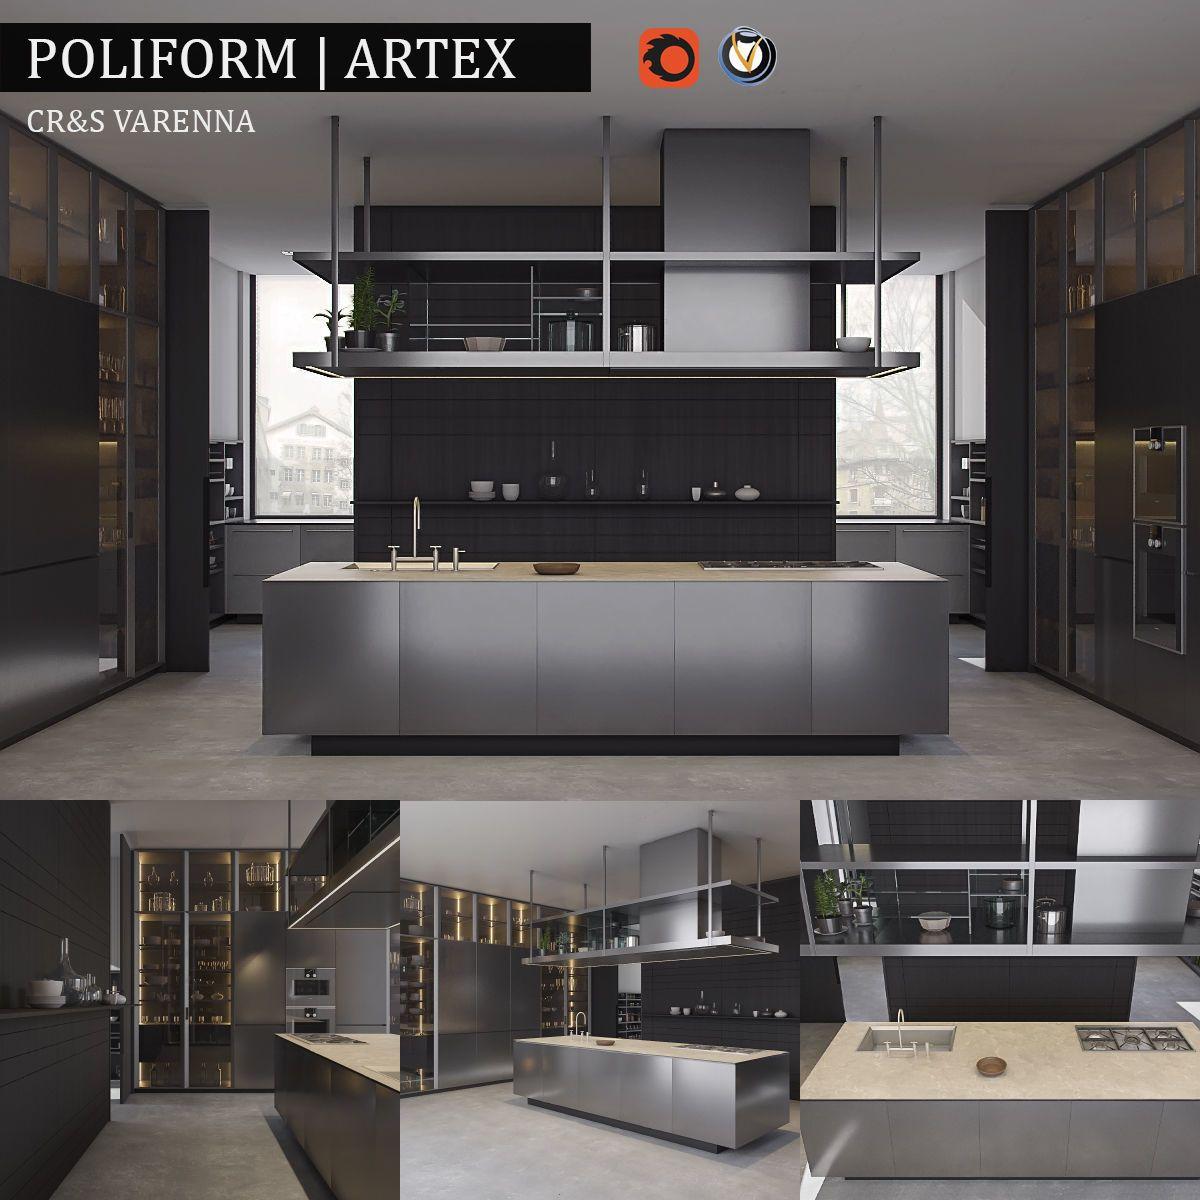 Kitchen Varenna Artex 3D model in 2020 Luxury kitchen